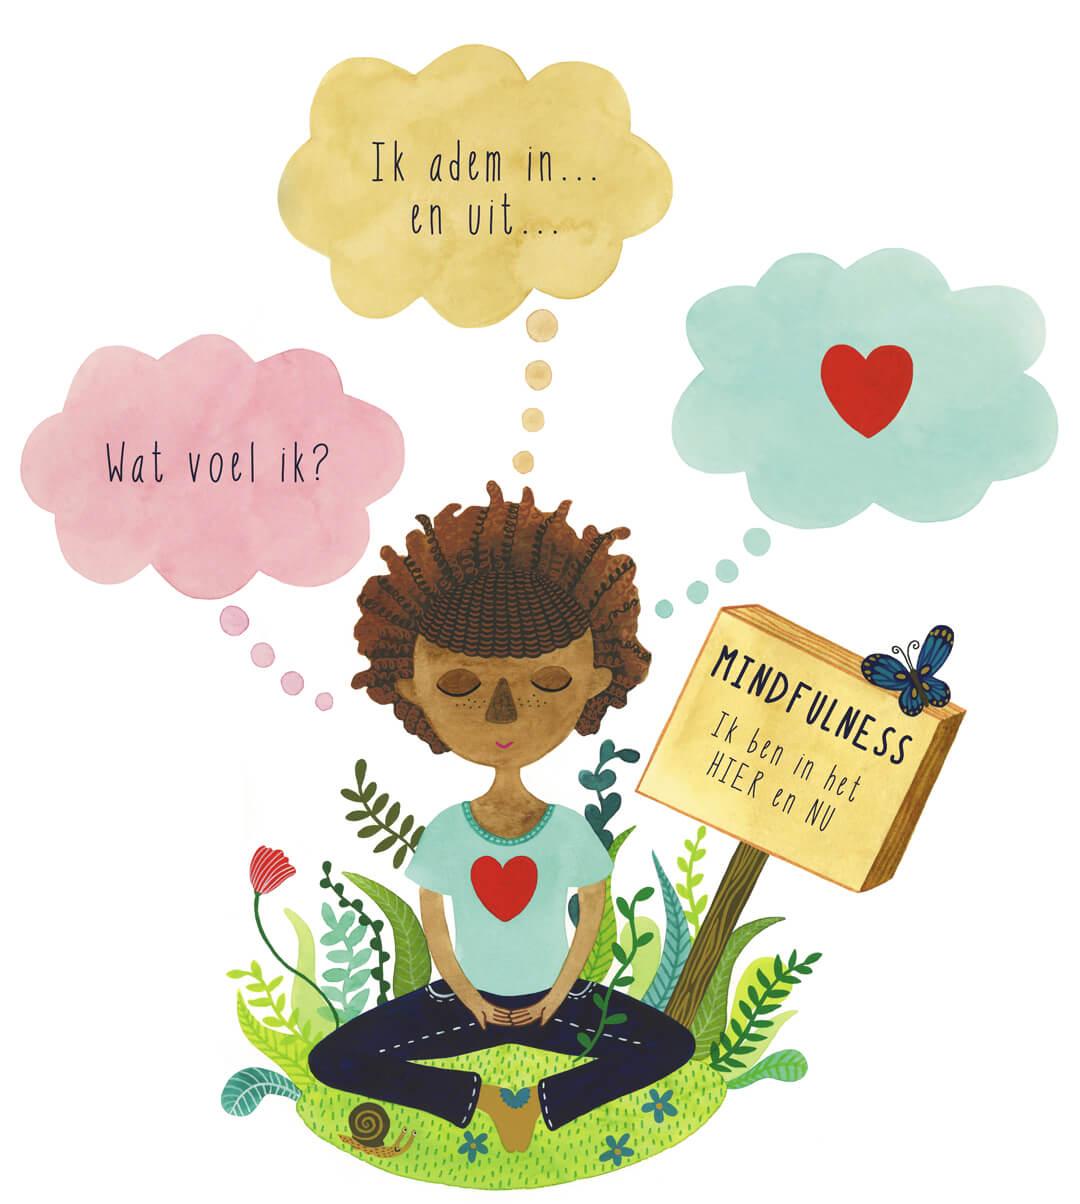 Mindfulness in de klas boek Irma Smegen lesmethode kinderen mediteren meditatie yoga rust